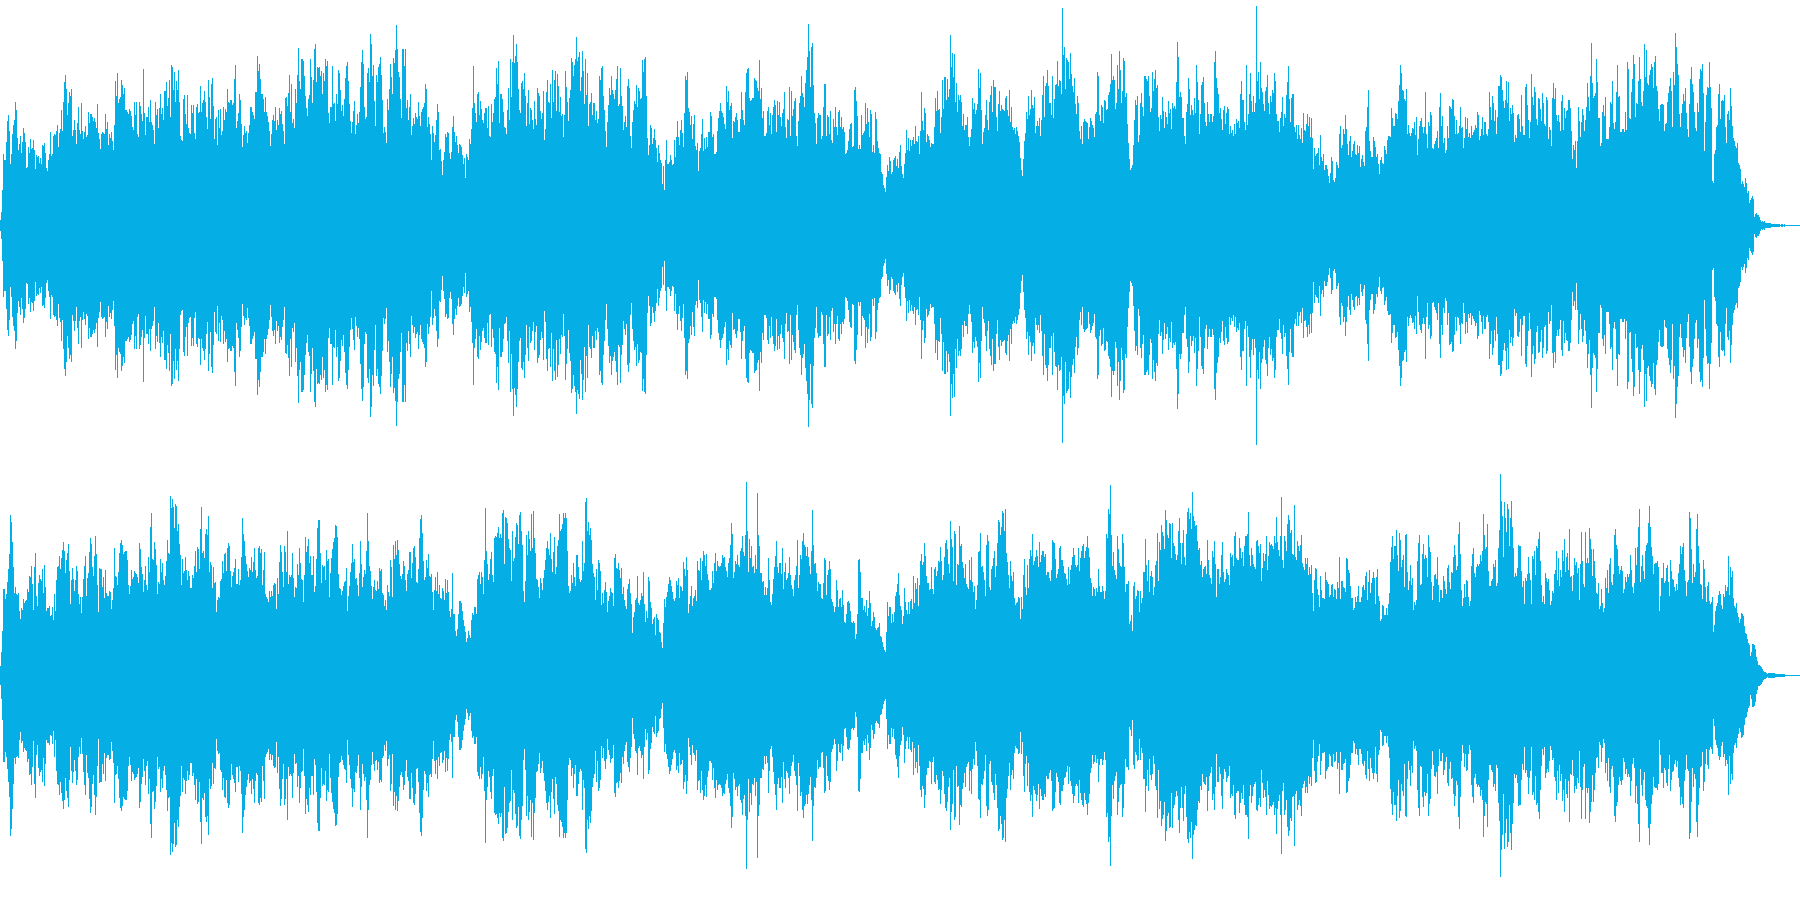 G線上のアリア・優雅な弦楽合奏の再生済みの波形